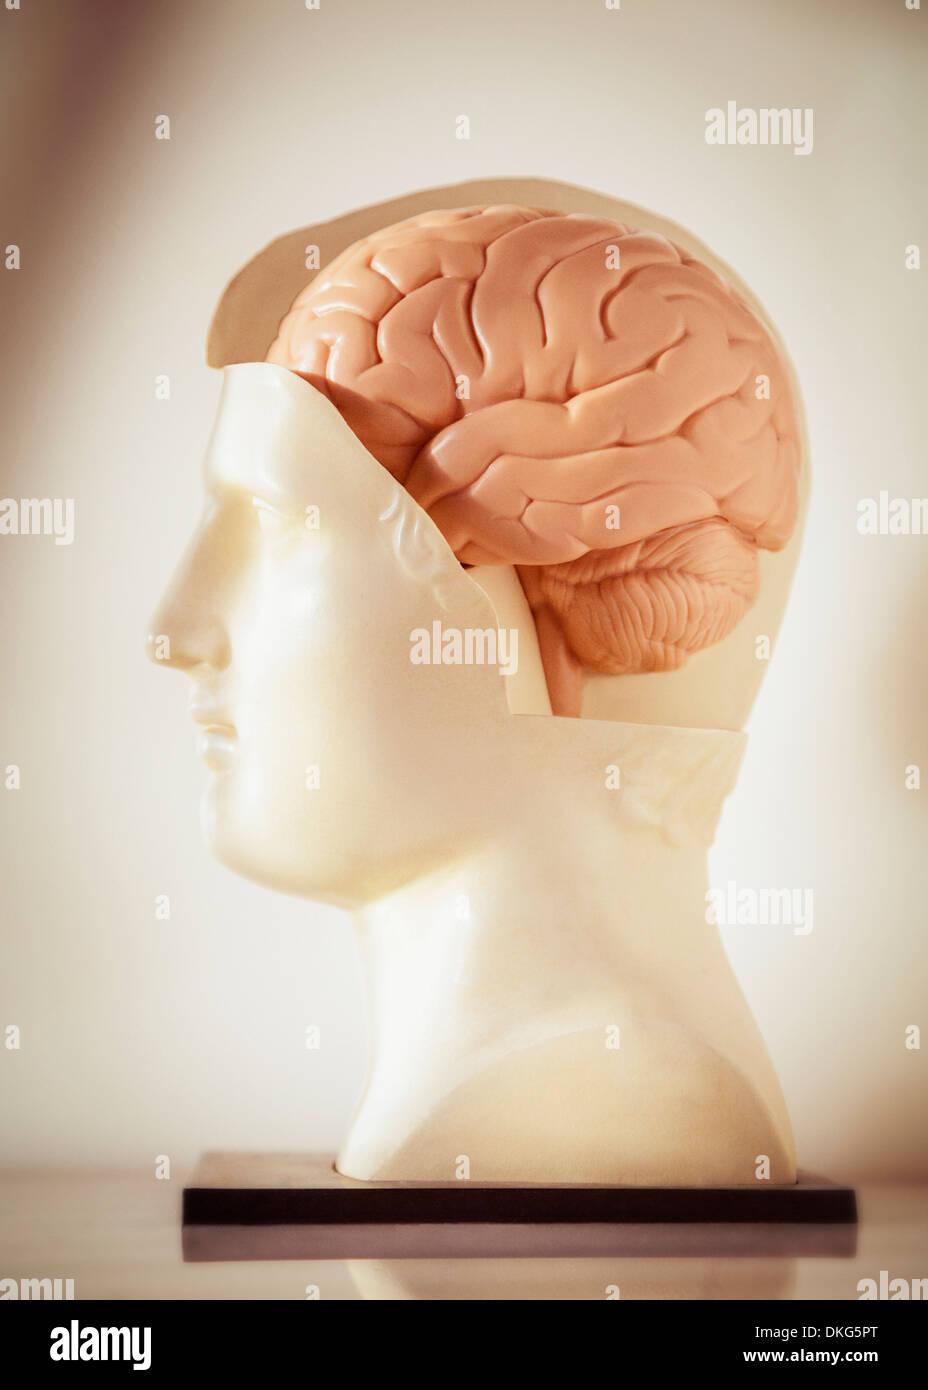 Una vista de perfil de un modelo anatómico del cerebro humano en una estatua de estilo griego o Romano busto Imagen De Stock